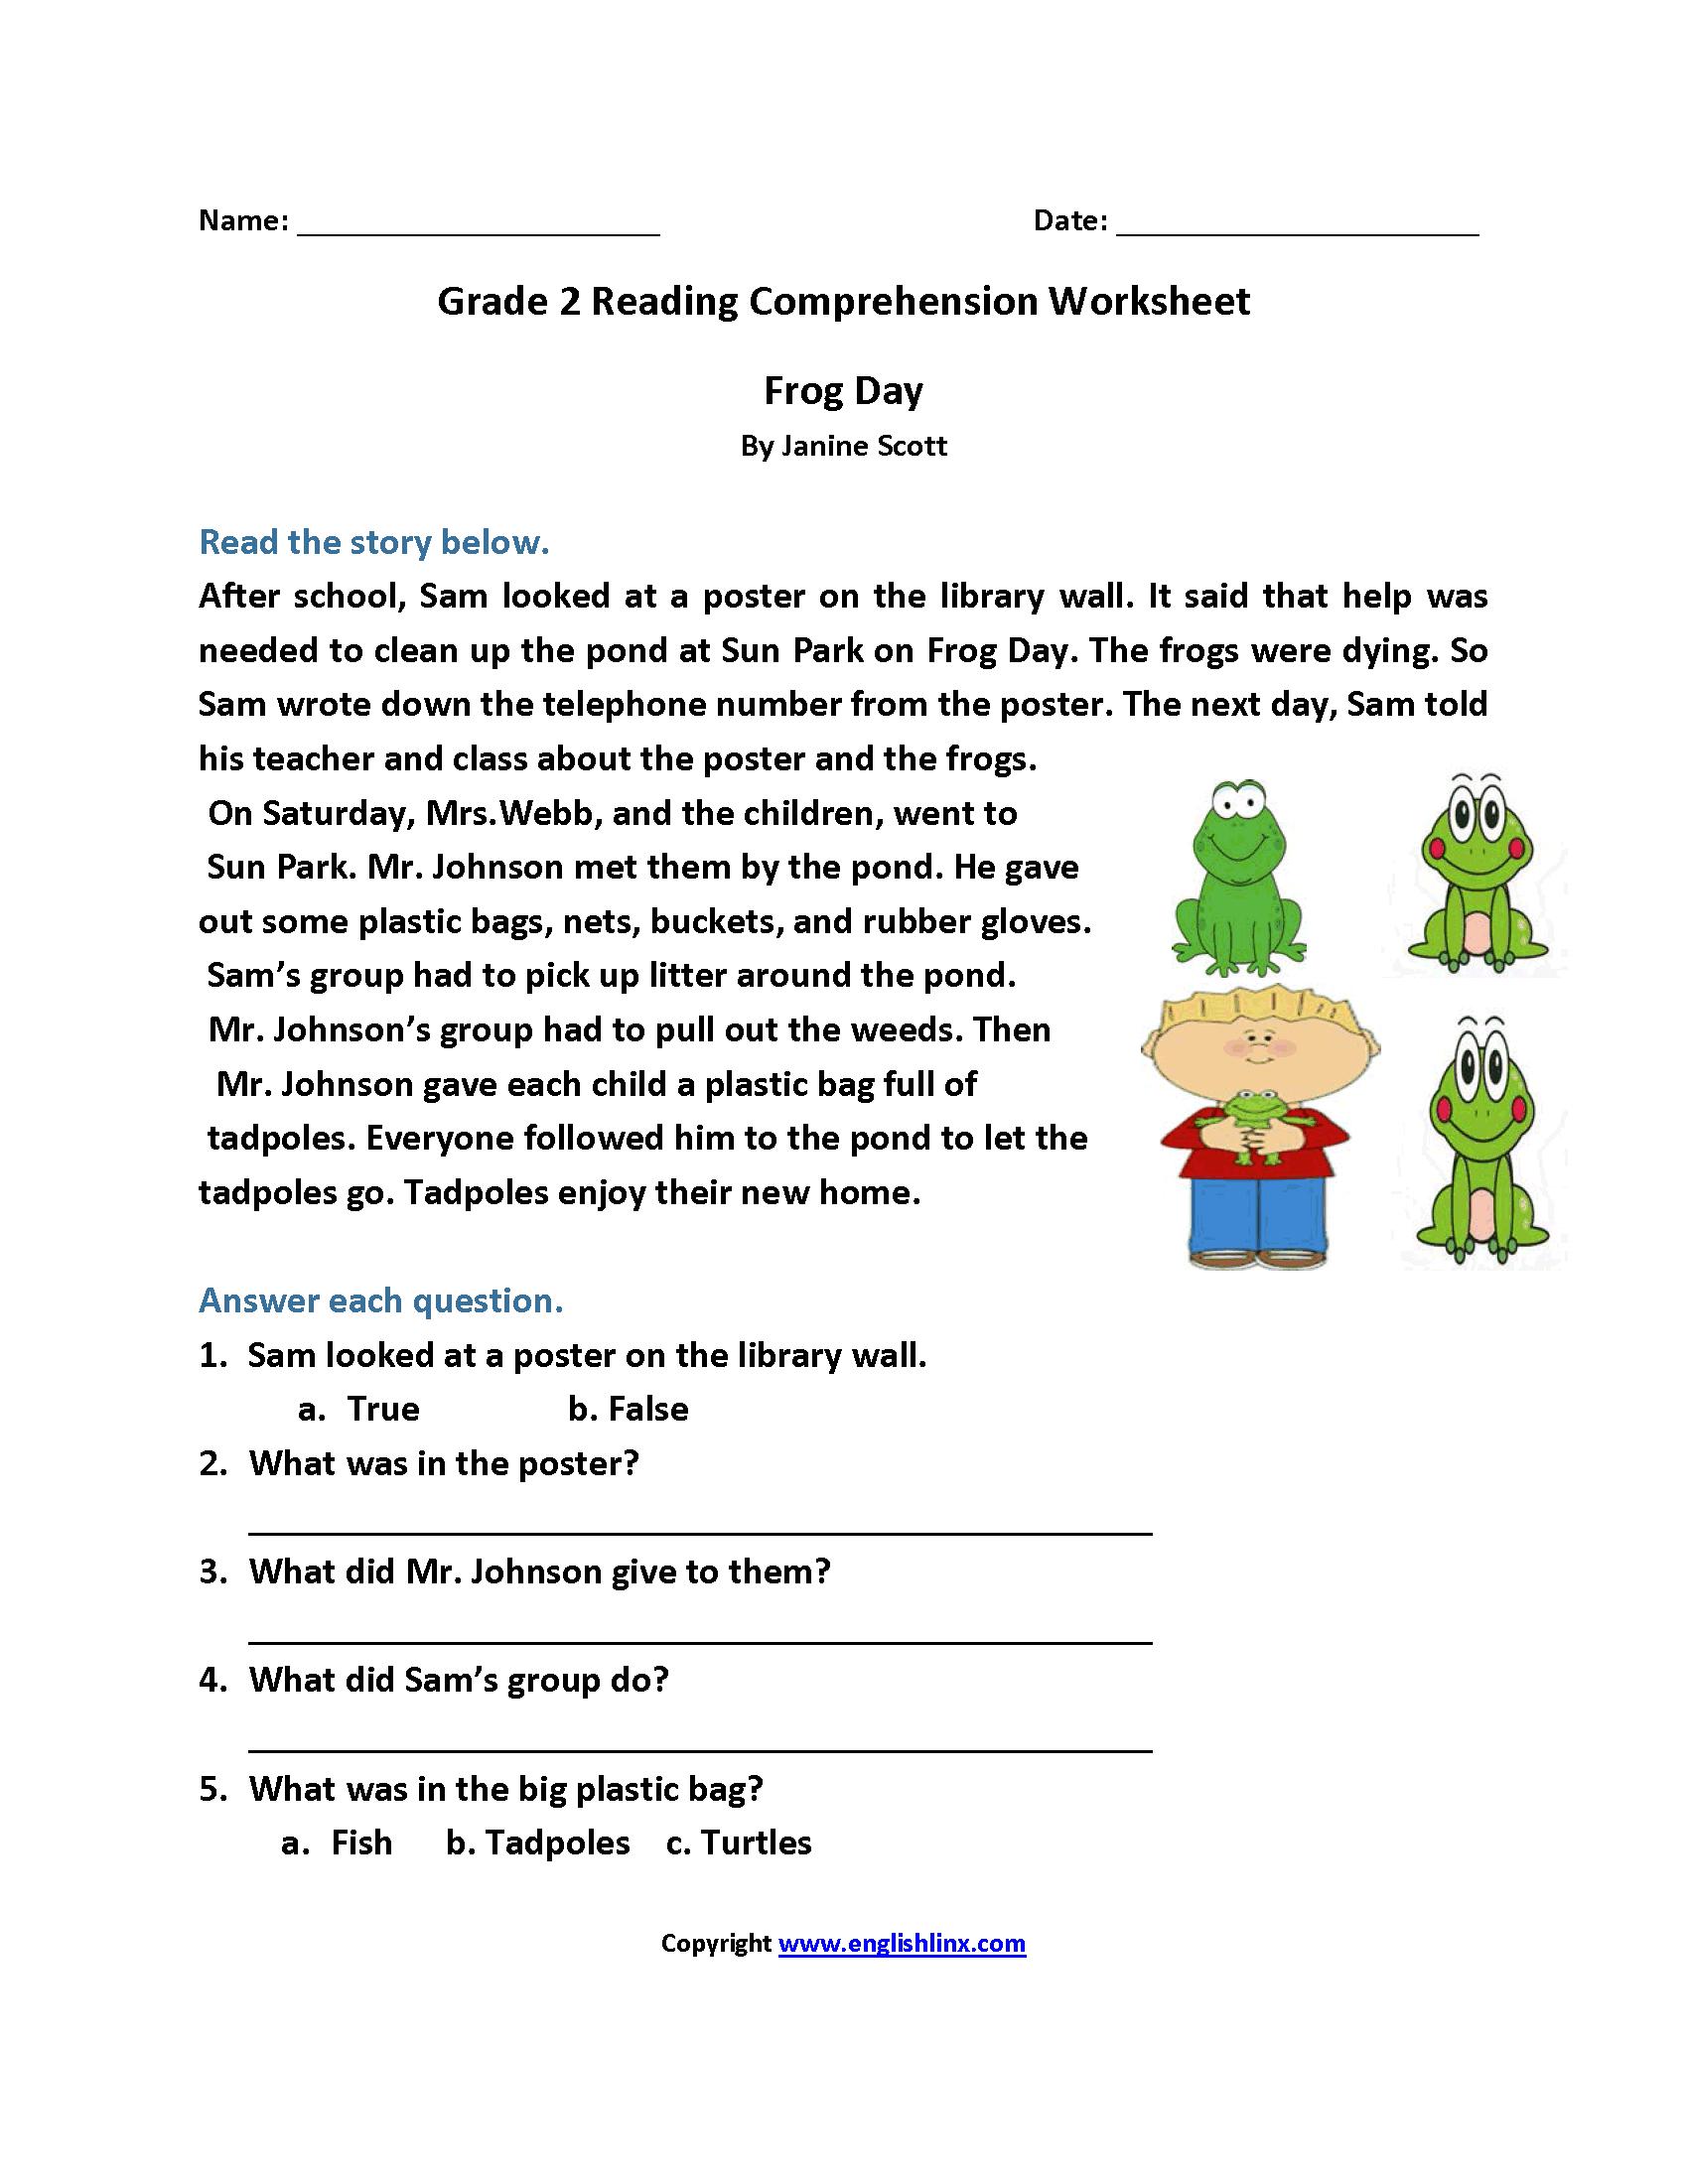 Free 2nd Grade Reading Comprehension Worksheets Multiple